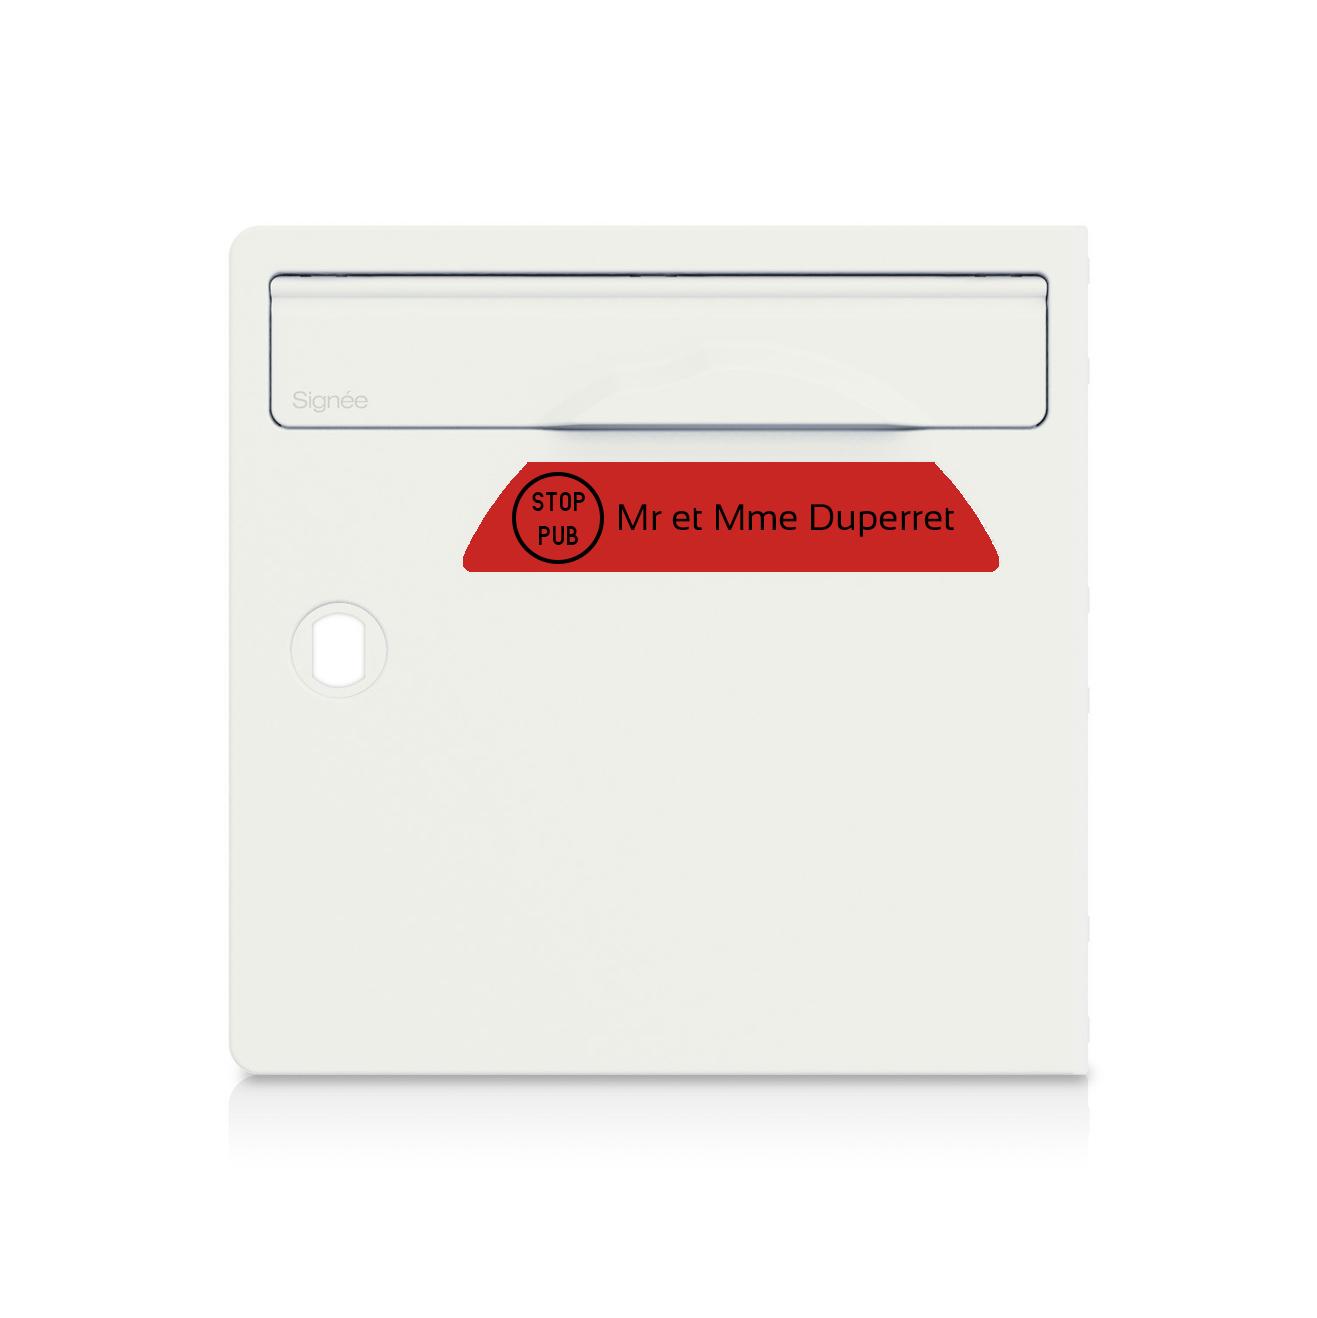 Plaque boite aux lettres Signée STOP PUB rouge lettres noires - 1 ligne